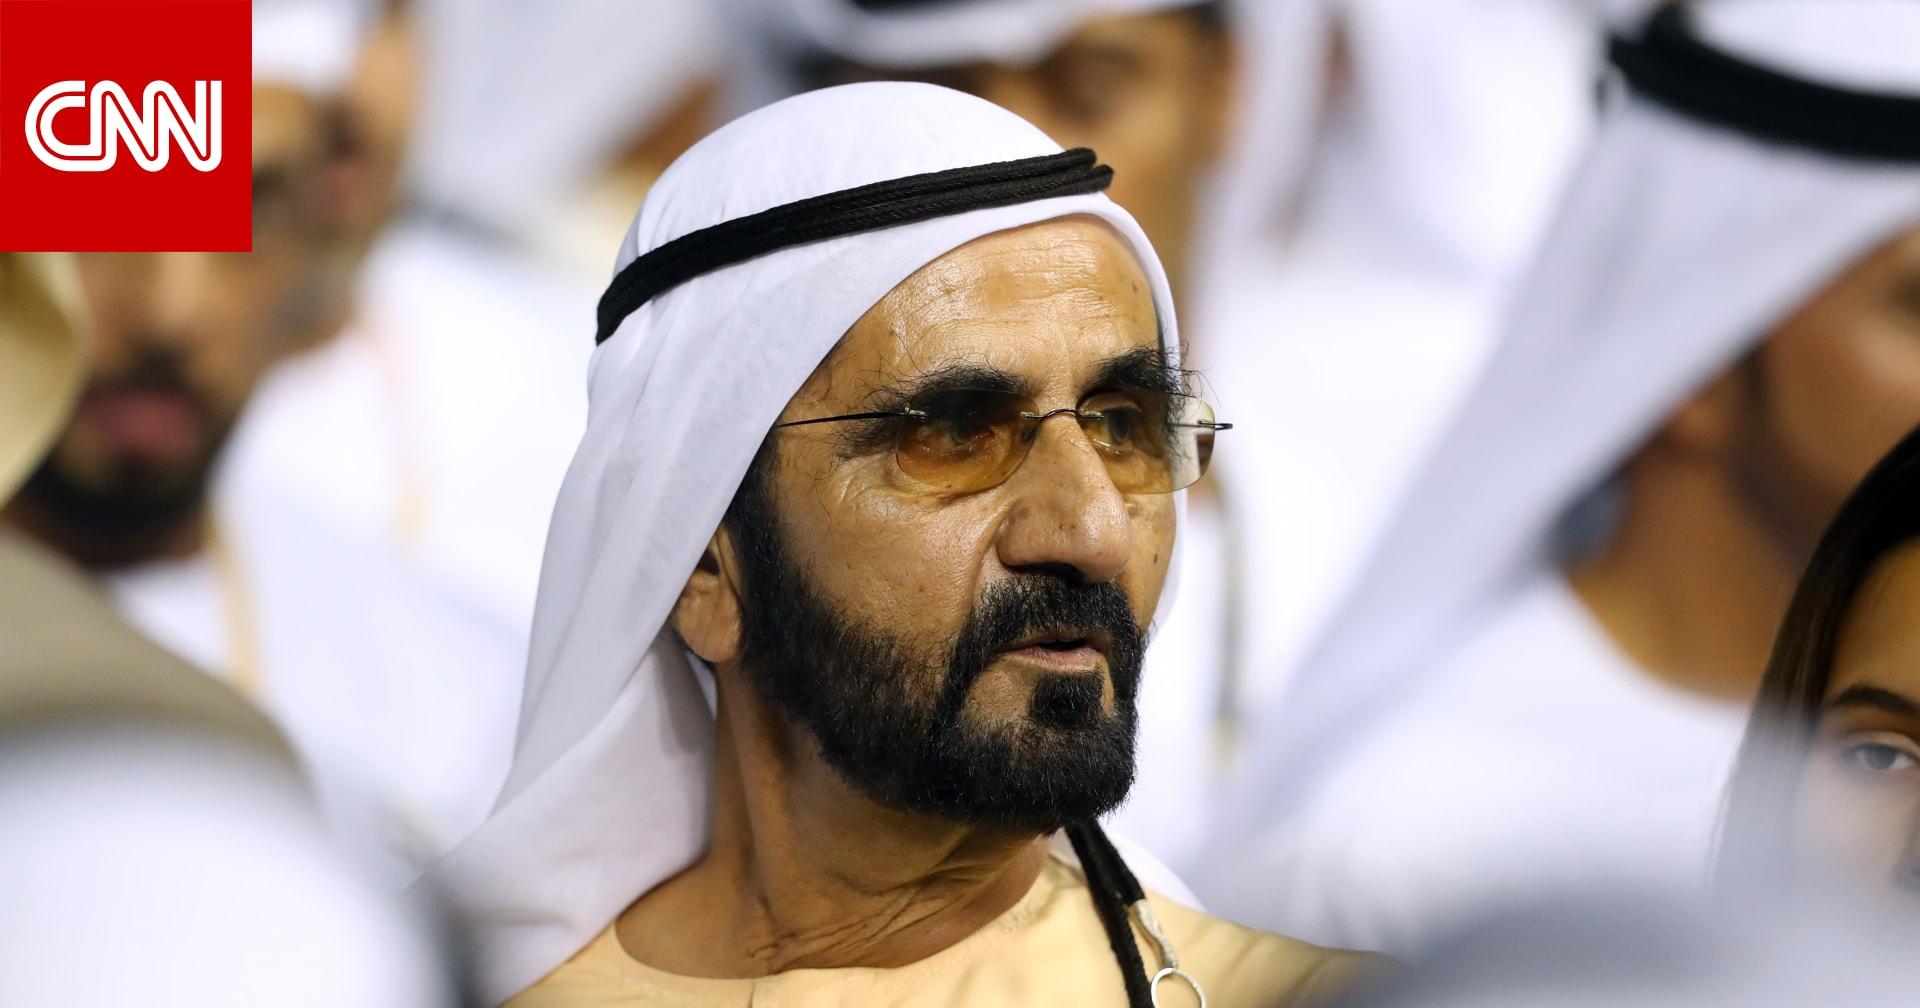 """محمد بن راشد يفتتح منظومة """"درون بوكس"""" لإطلاق طائرات دون طيار في دبي"""